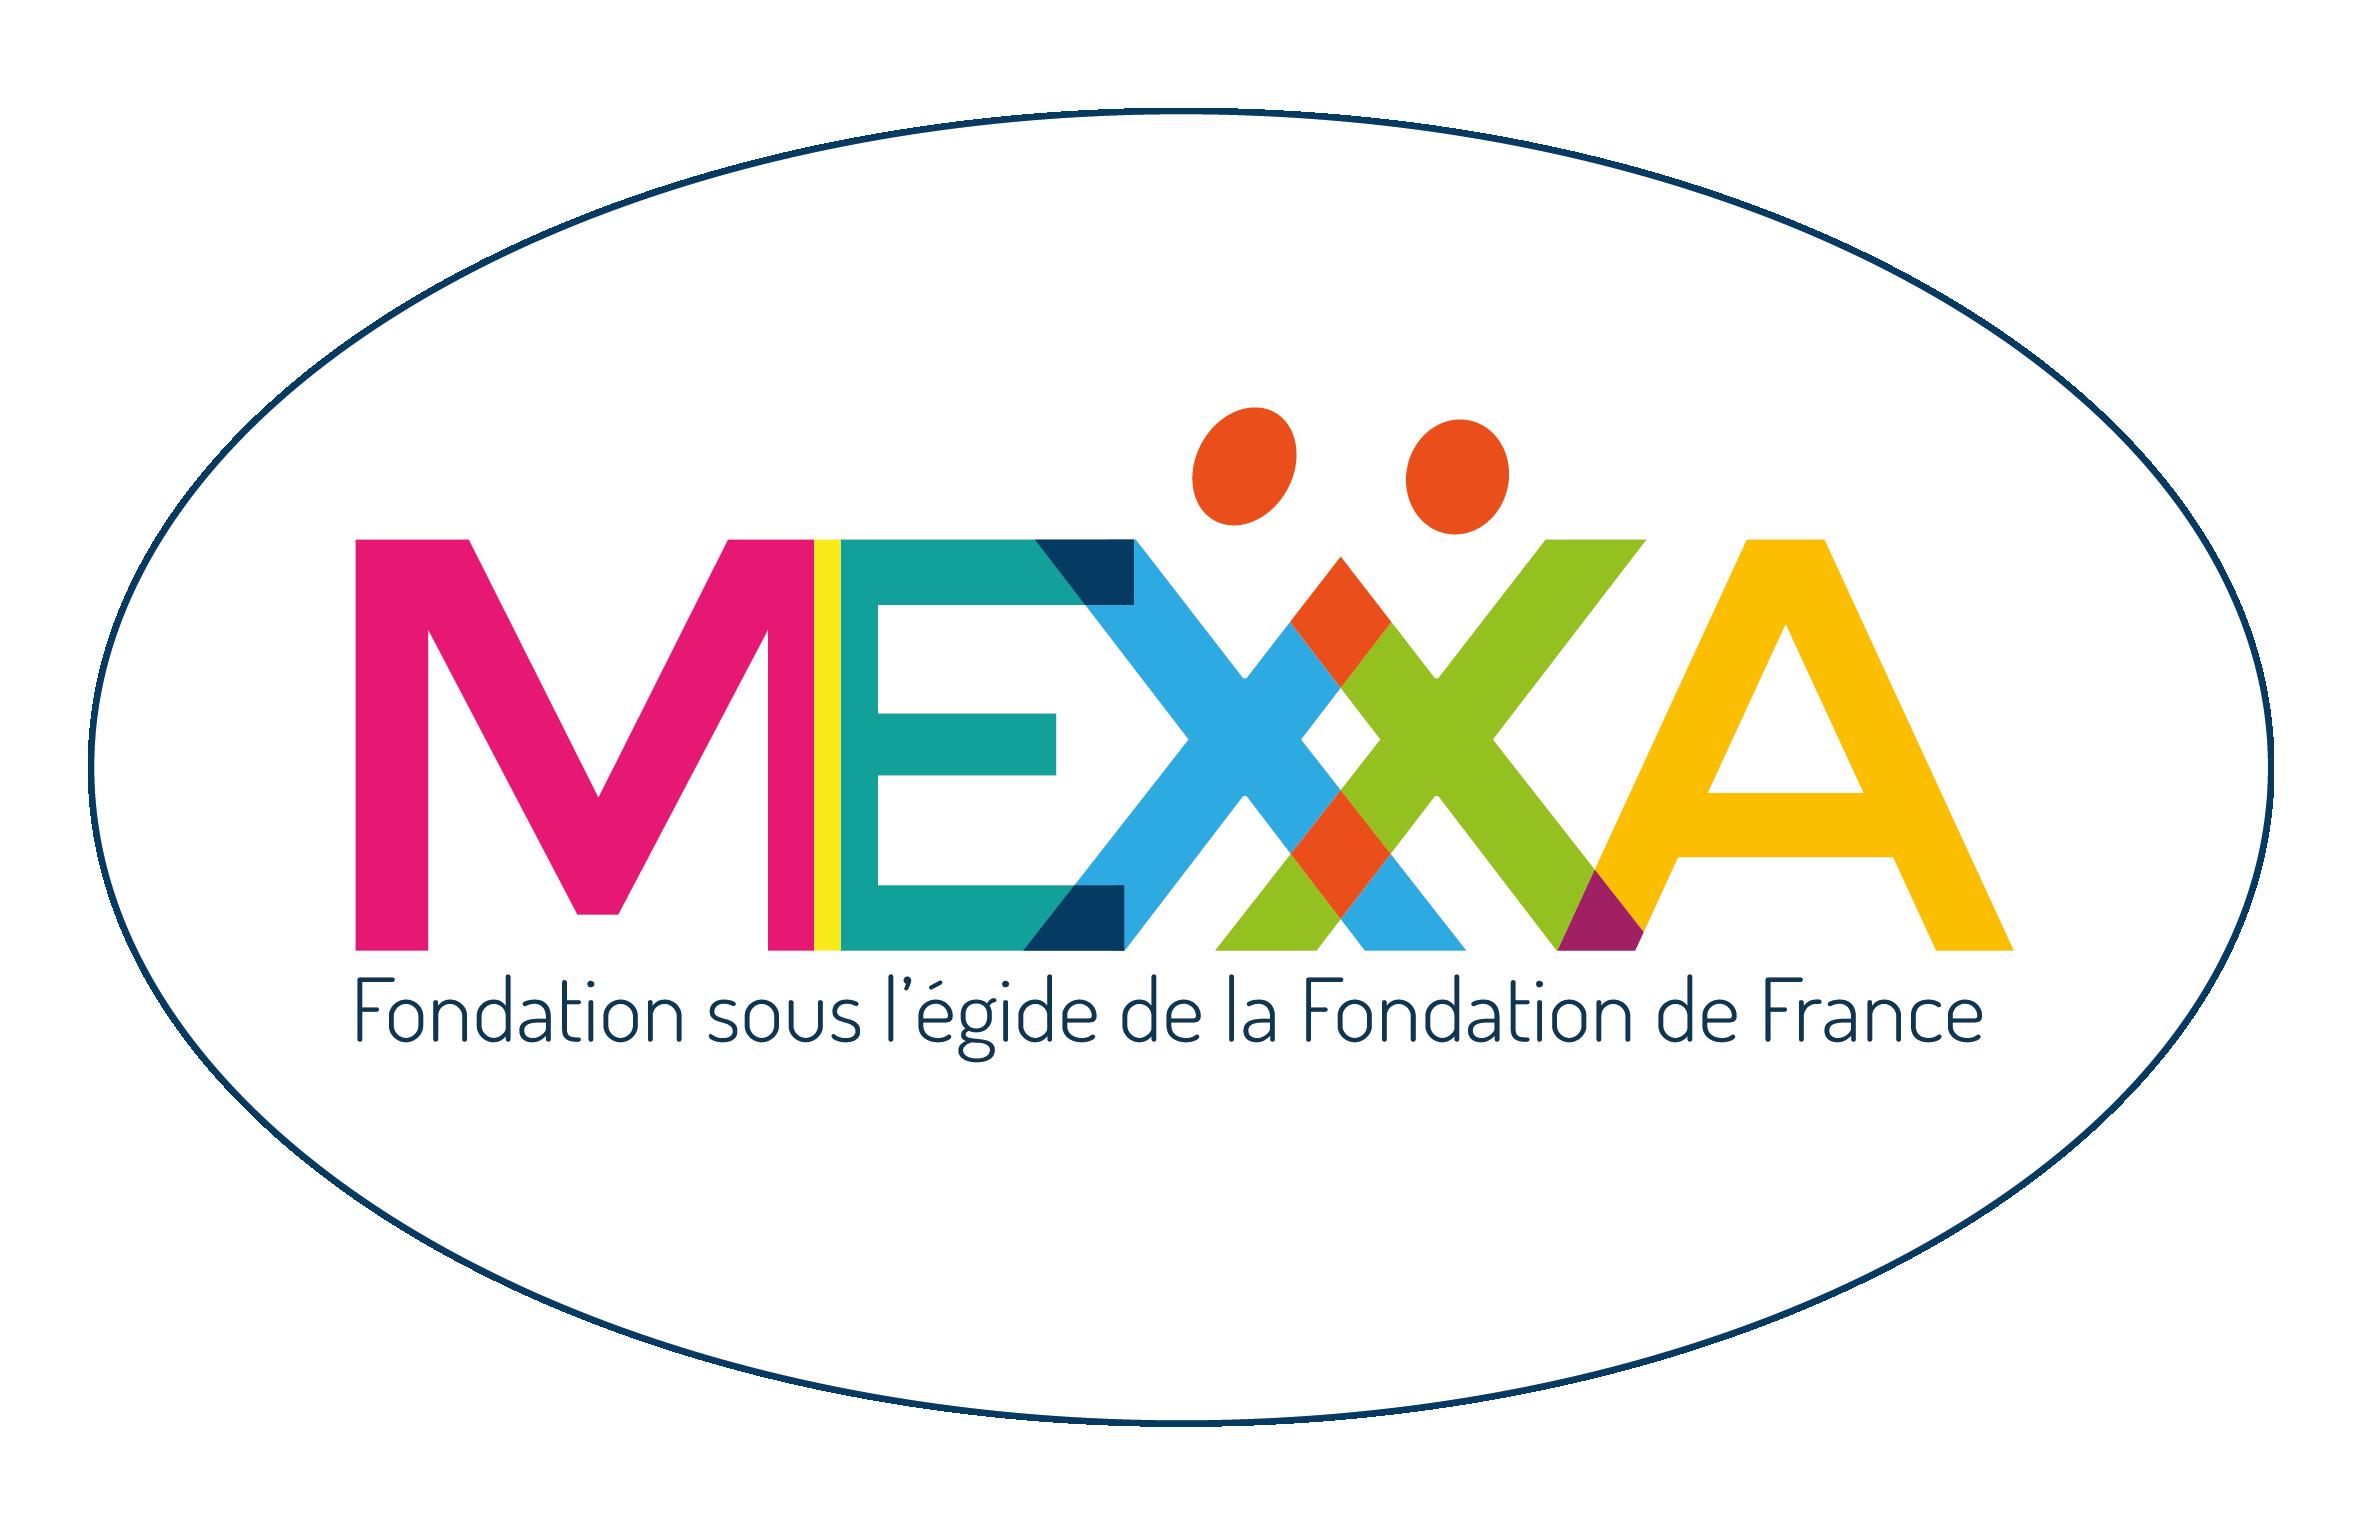 Fondation Mexxa